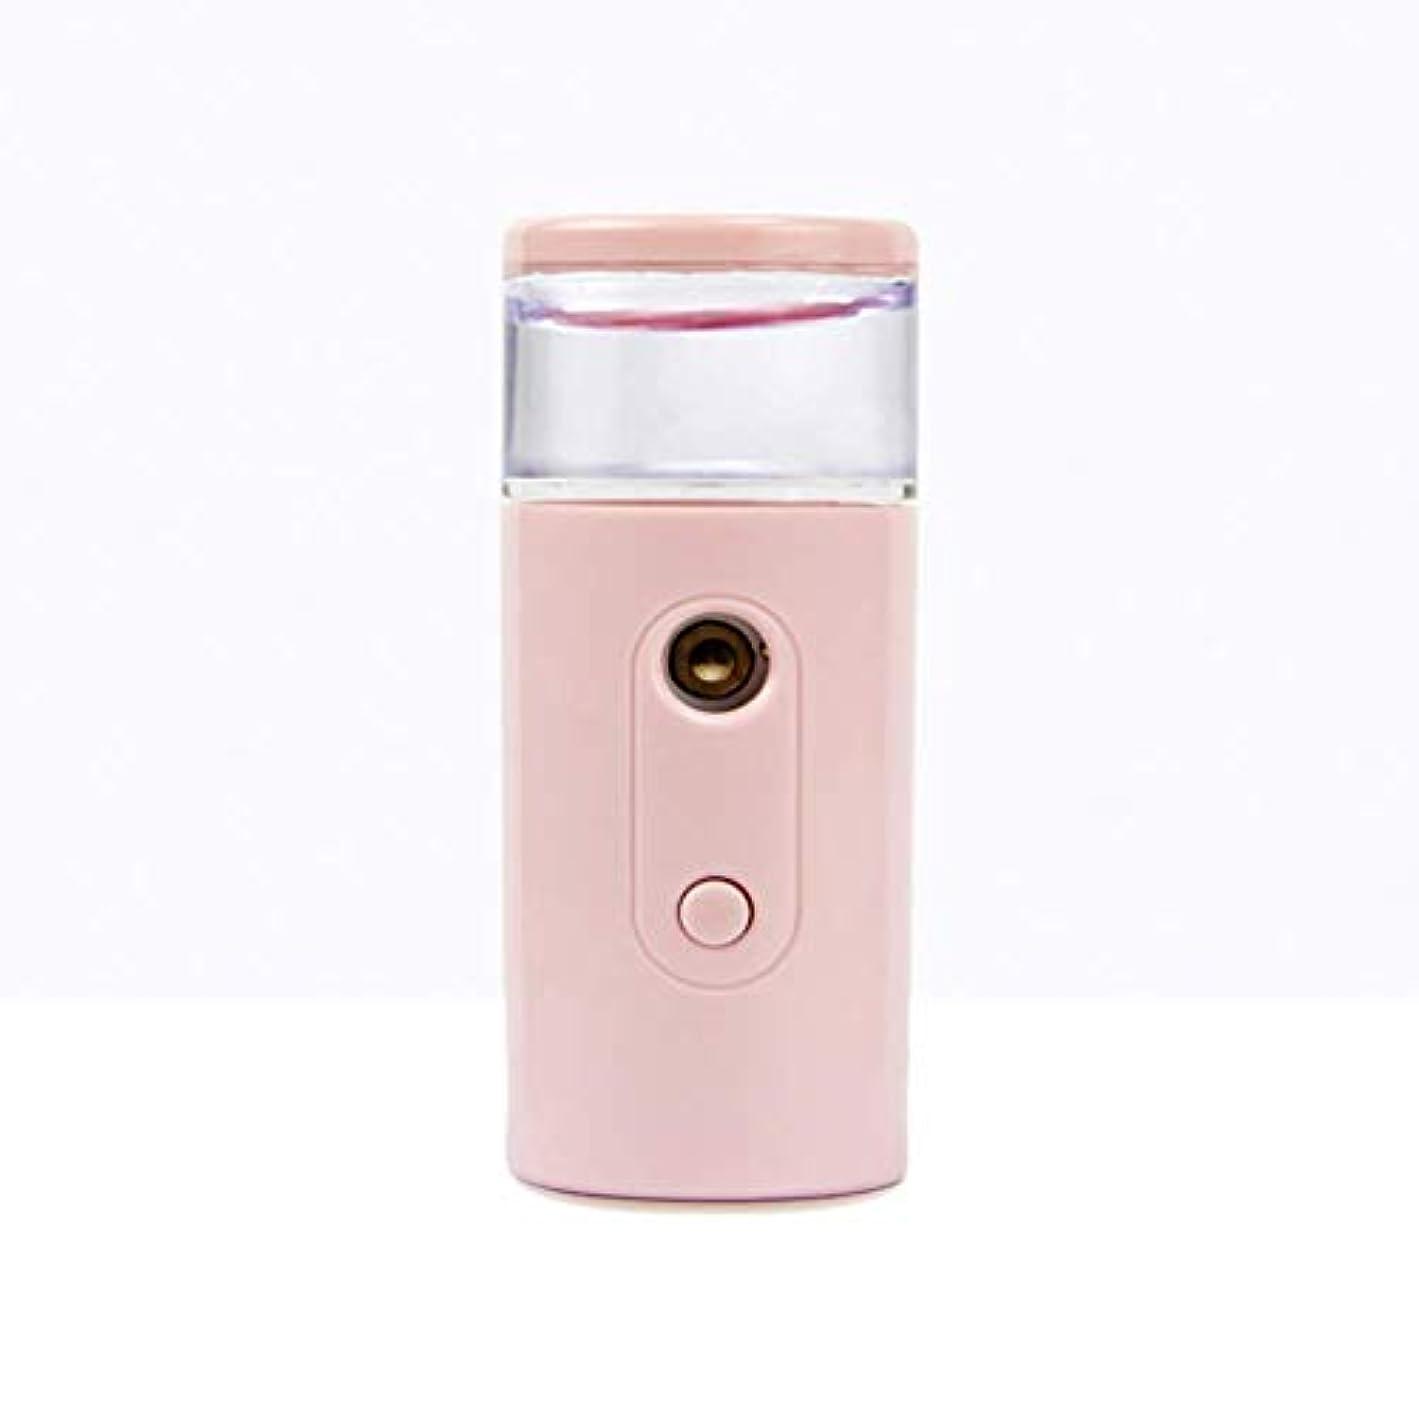 言語プレゼンテーション維持Nano Facial Mister、30ml視覚的水タンクを備えた充電式フェイシャルスチーマー、スキンケア、旅行用保湿&保湿